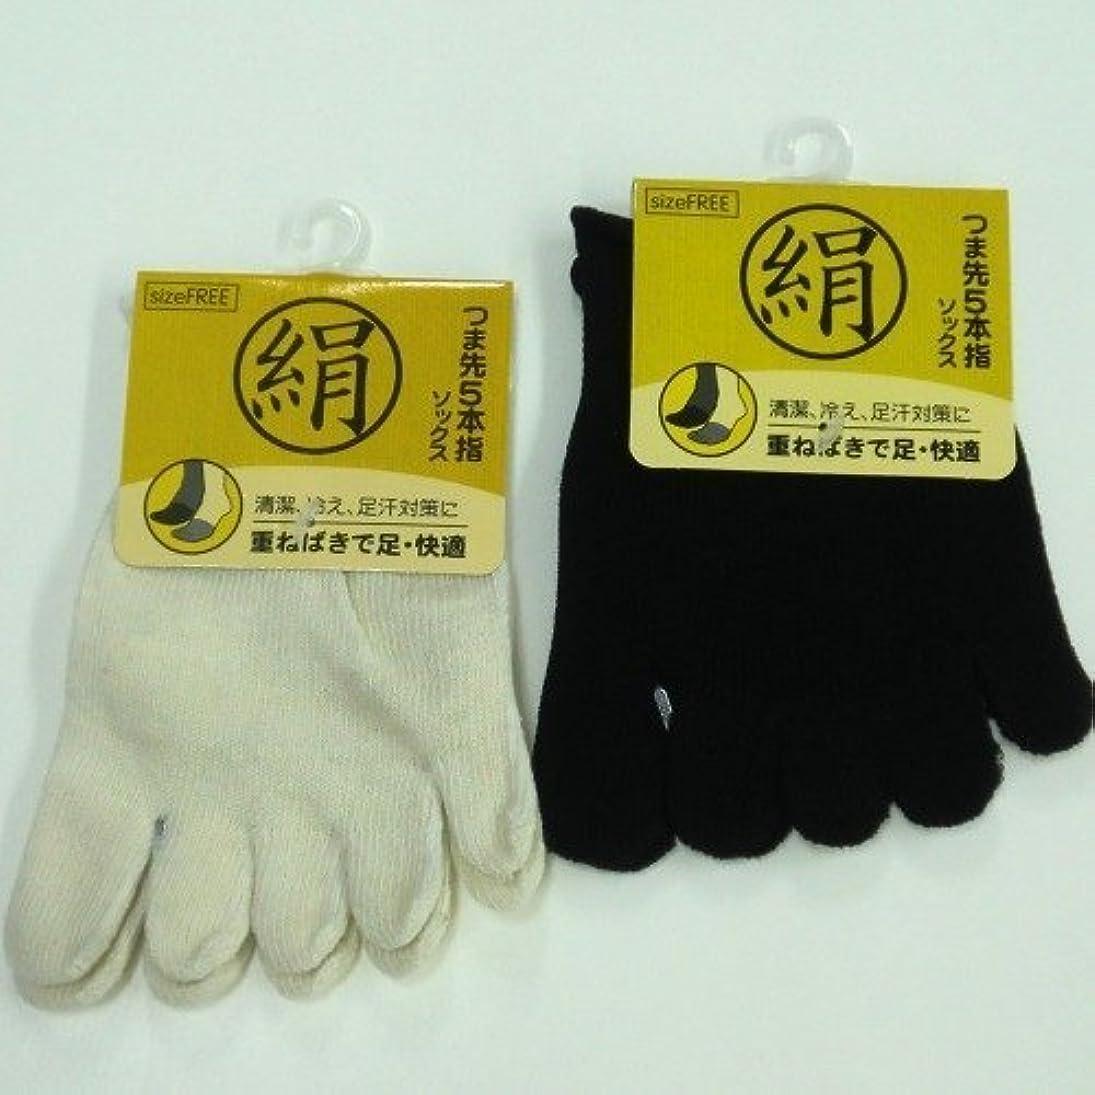 聖人生息地遠えシルク 5本指ハーフソックス 足指カバー 天然素材絹で抗菌防臭 4足組